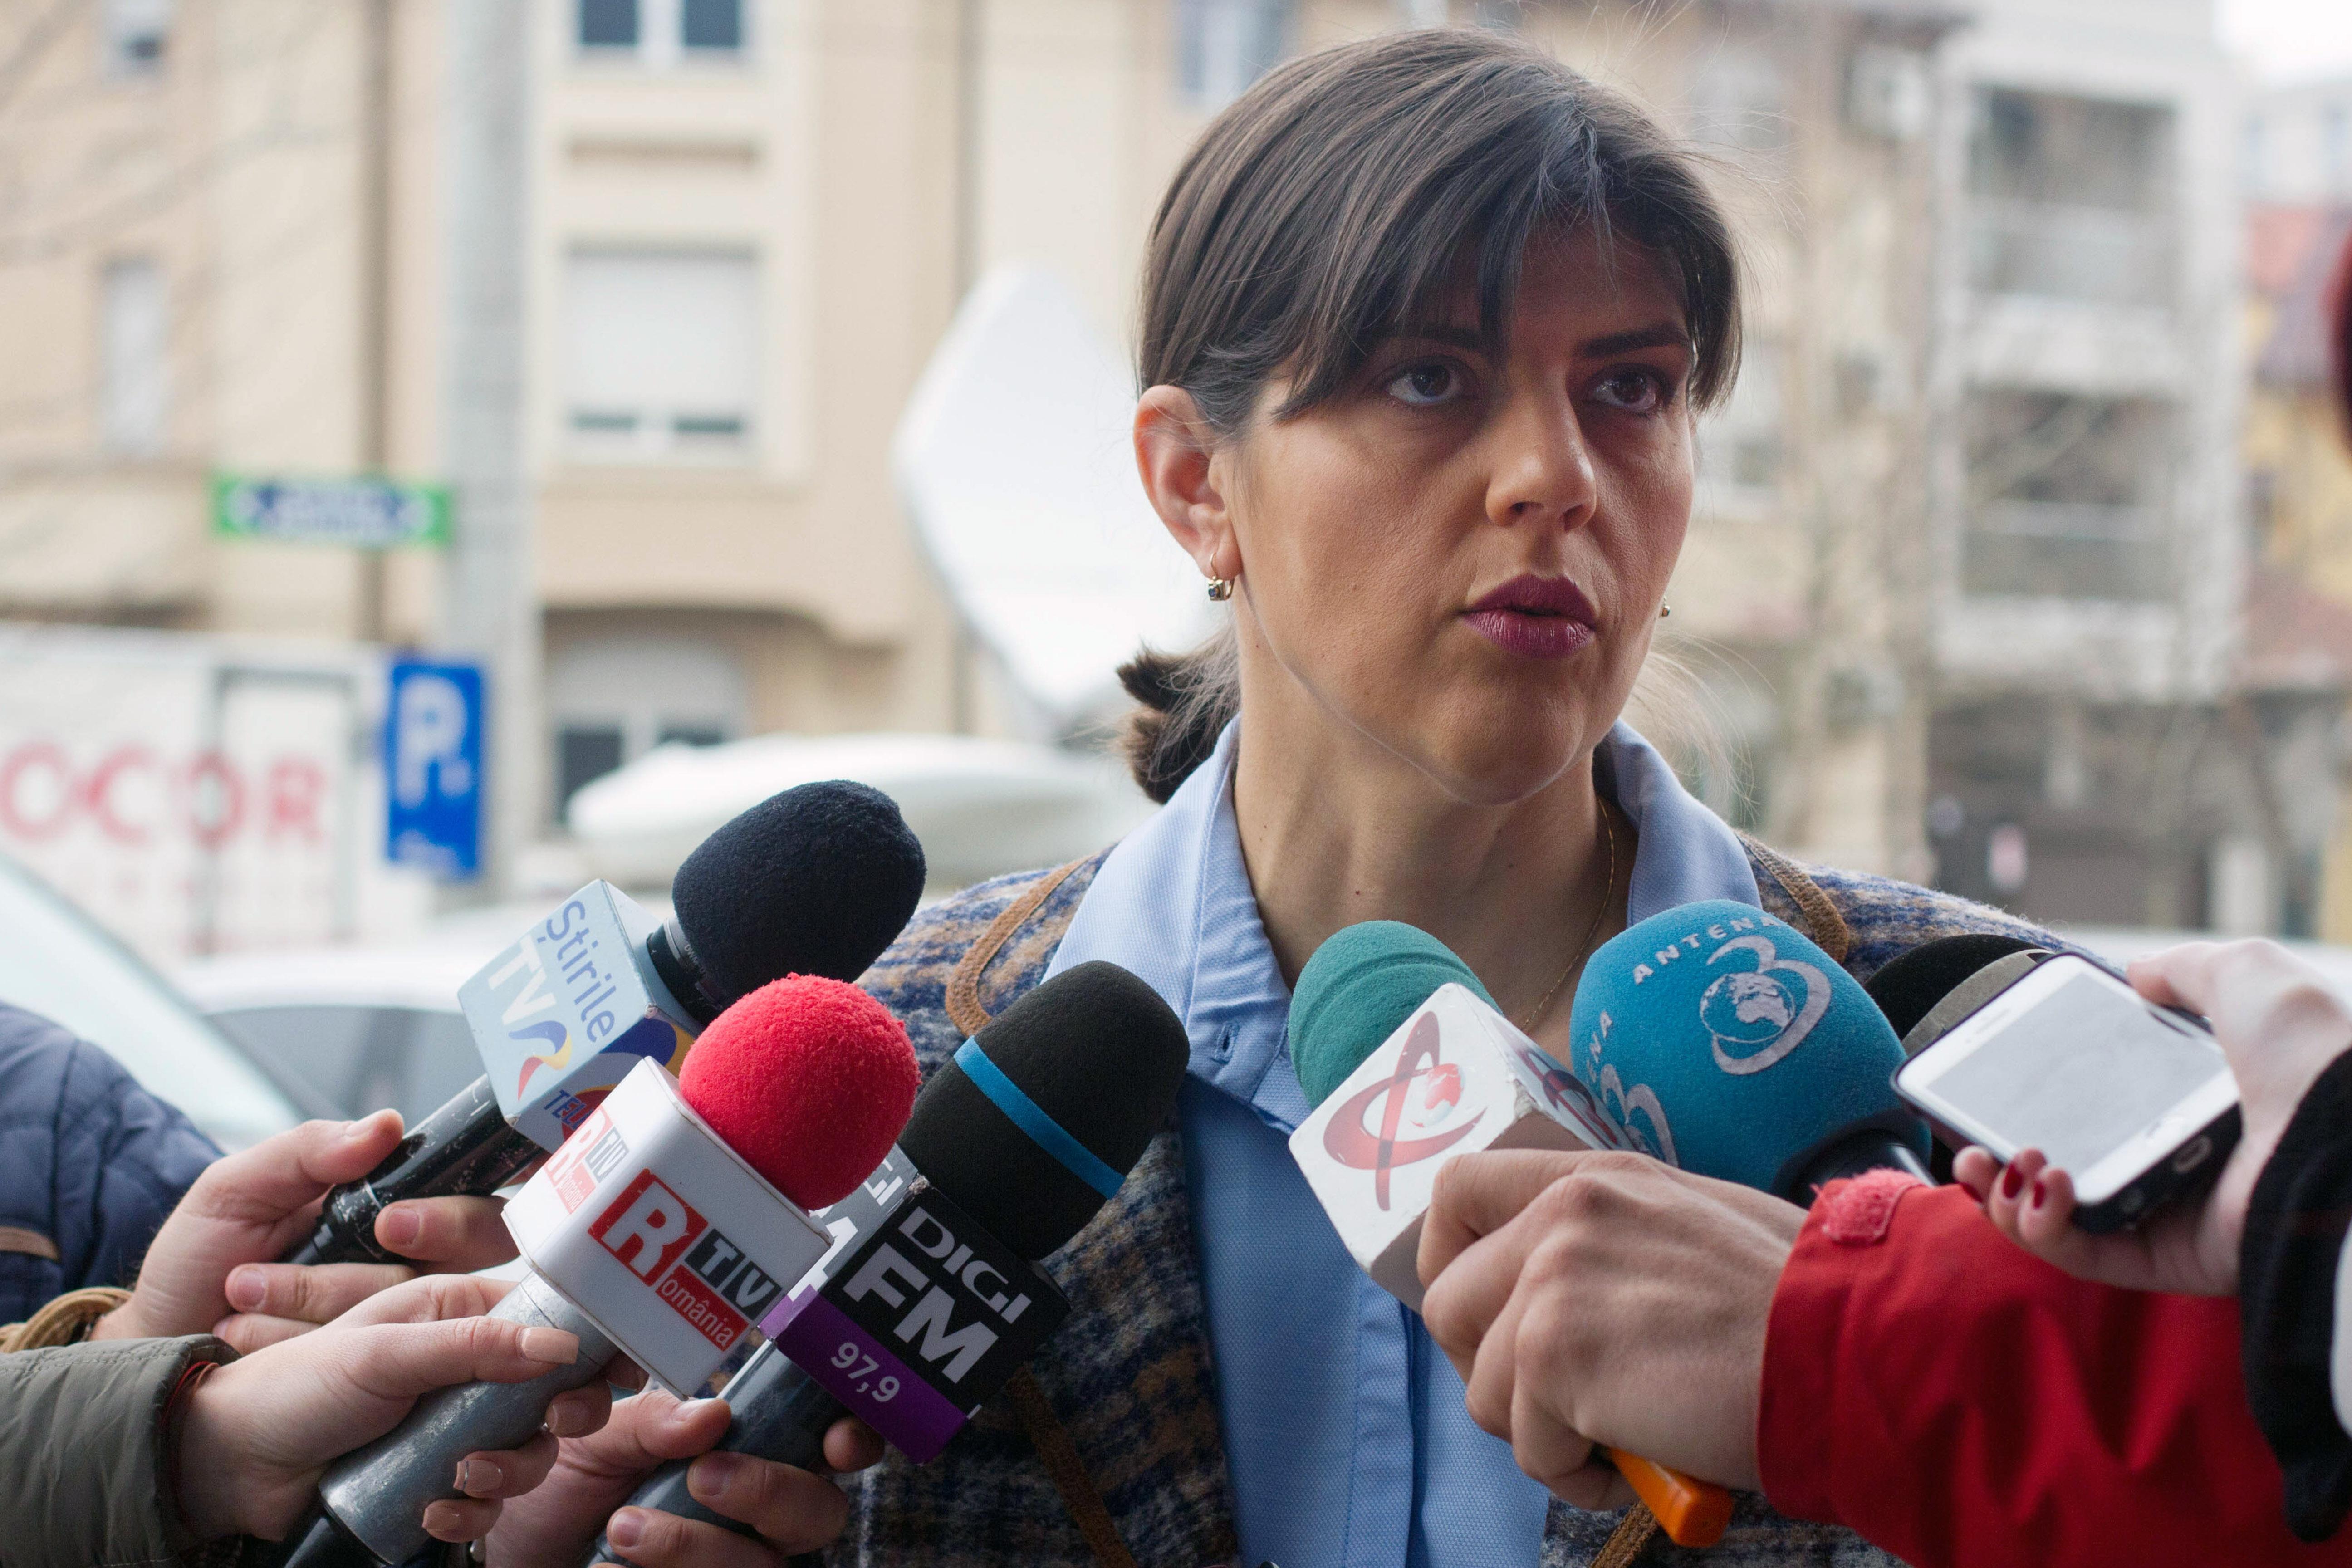 Ministrul Justiţiei, despre refuzul lui Kovesi de a merge la comisia pentru alegeri: Sunt informaţii că Parlamentul va sesiza CCR. Cred că soluţia nu poate fi decât de constatare a conflictului